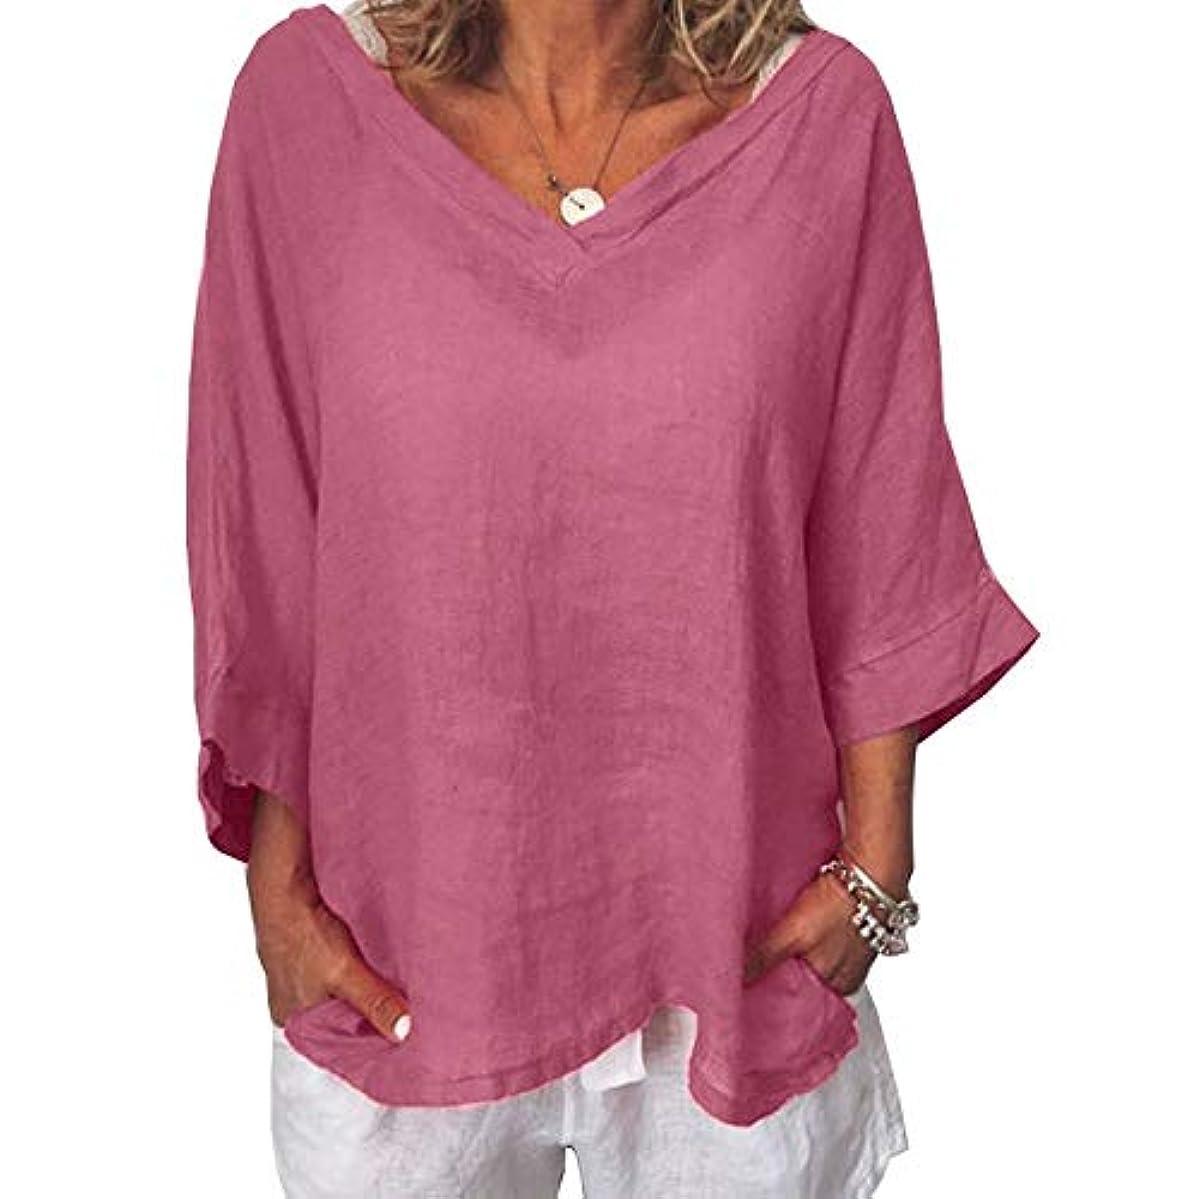 シネマオーバーラン好奇心盛MIFAN女性ファッションカジュアルVネックトップス無地長袖Tシャツルーズボヘミアンビーチウェア